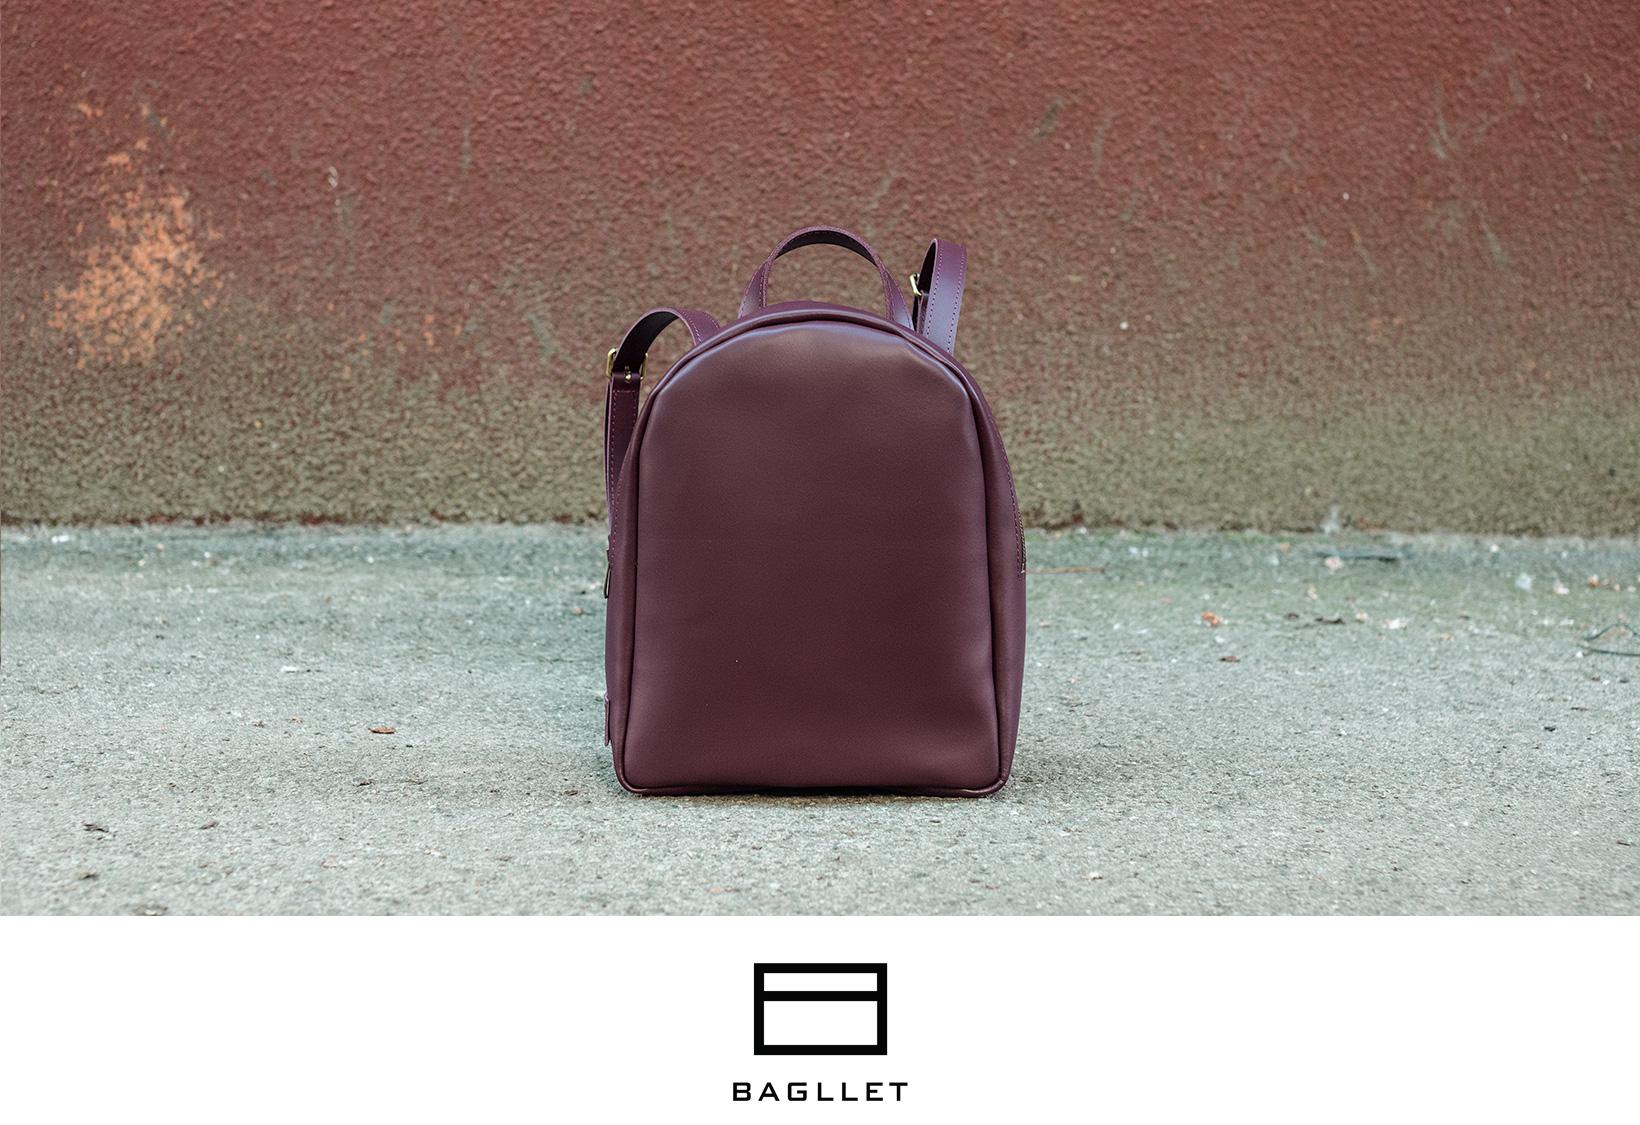 98648a6465f4 Официальный сайт - Главная - Bagllet - Bagllet - сумки и аксессуары ...